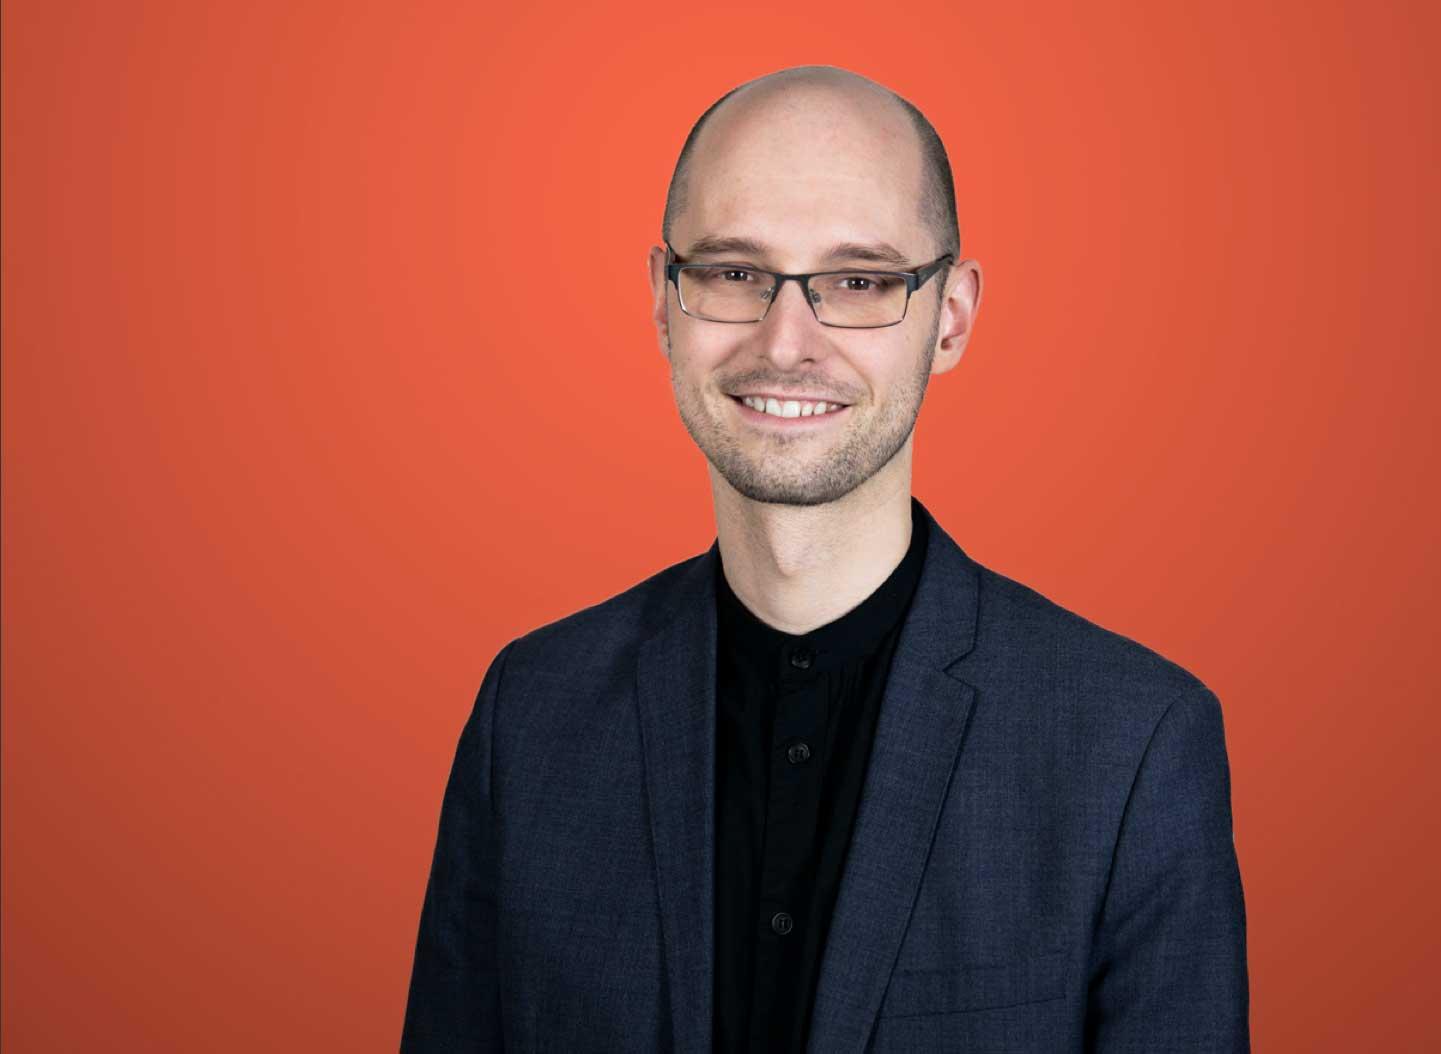 Marcus Weiland porträtt